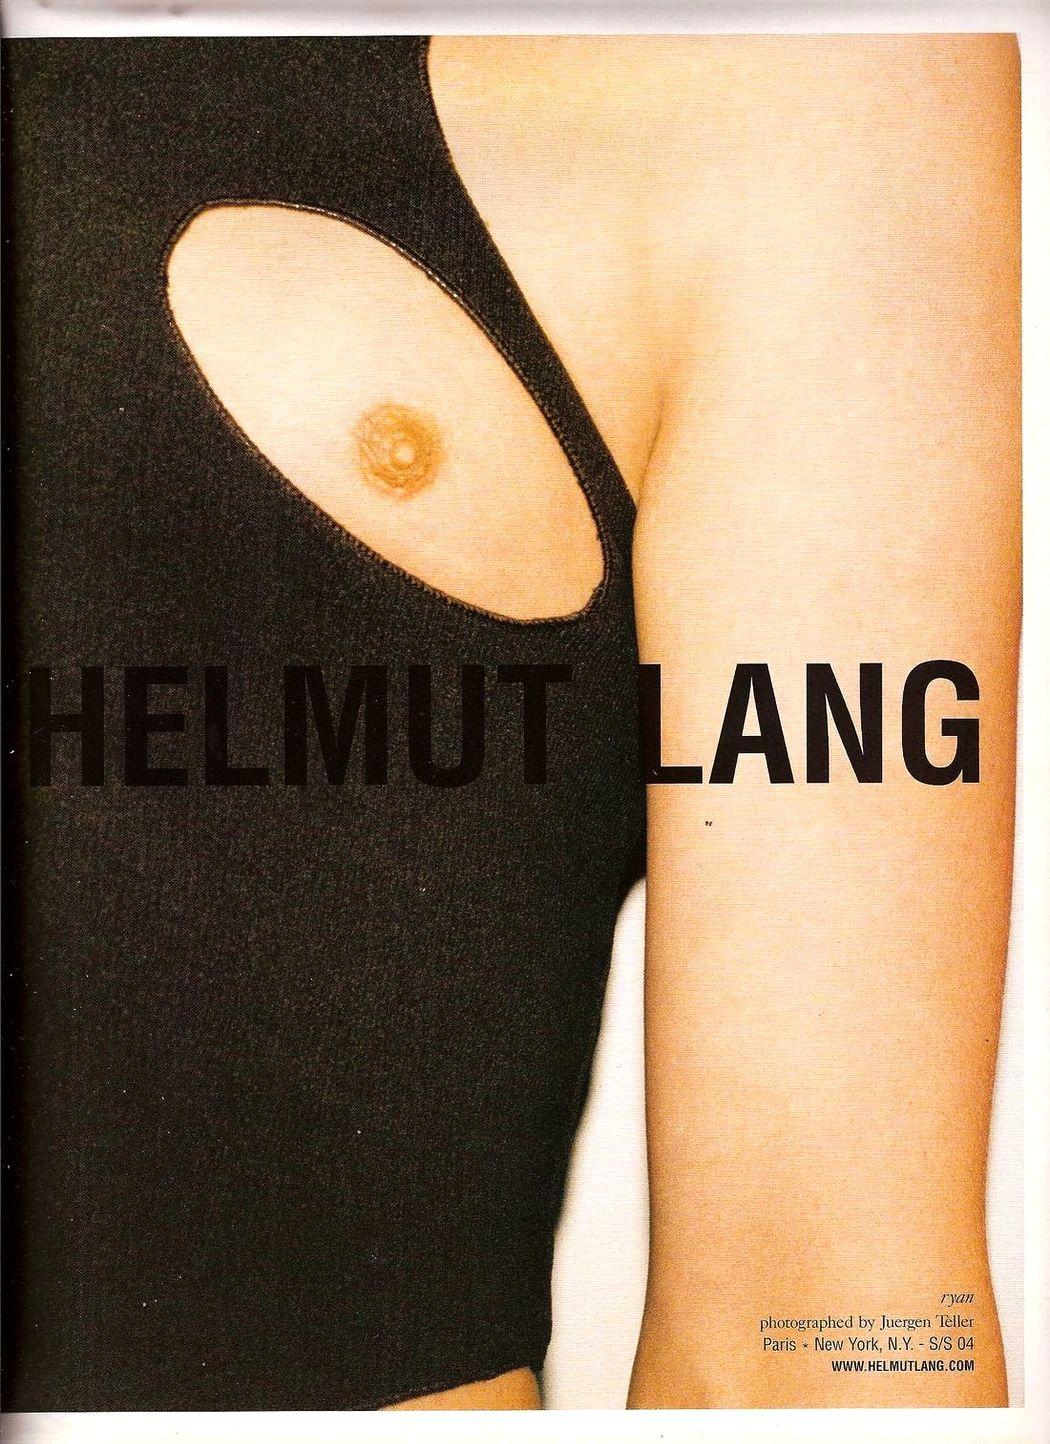 Архивная реклама Helmut Lang сезона Весна/Лето 2004